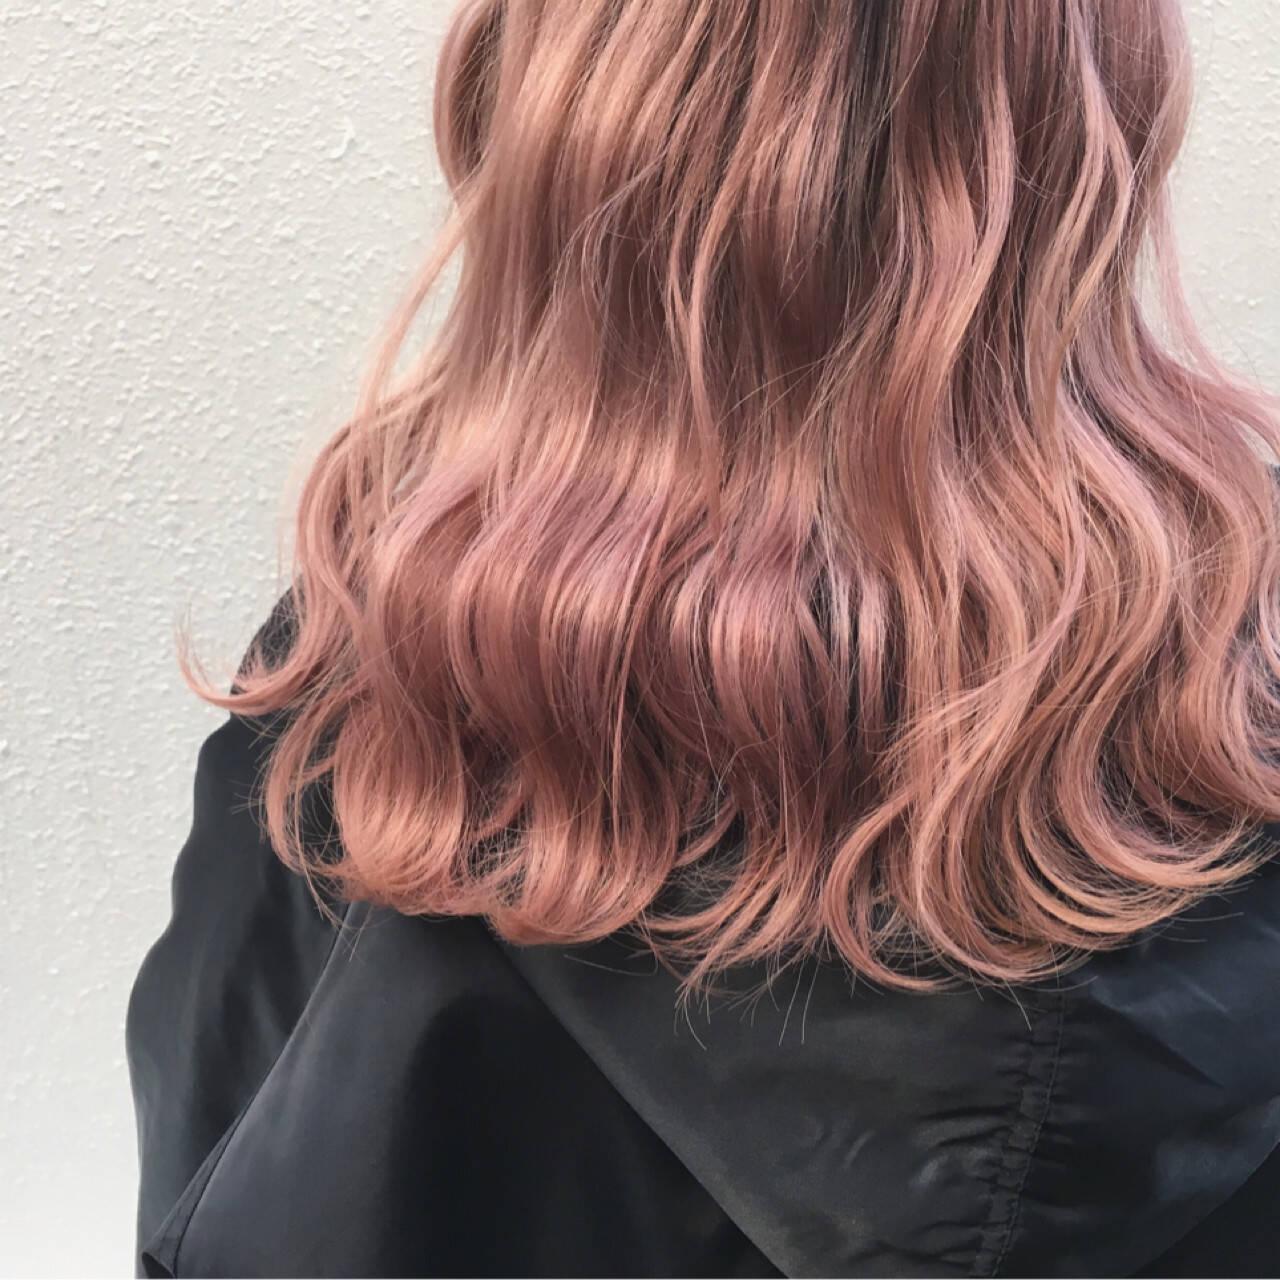 ハイトーン ロング ベージュ 波ウェーブヘアスタイルや髪型の写真・画像